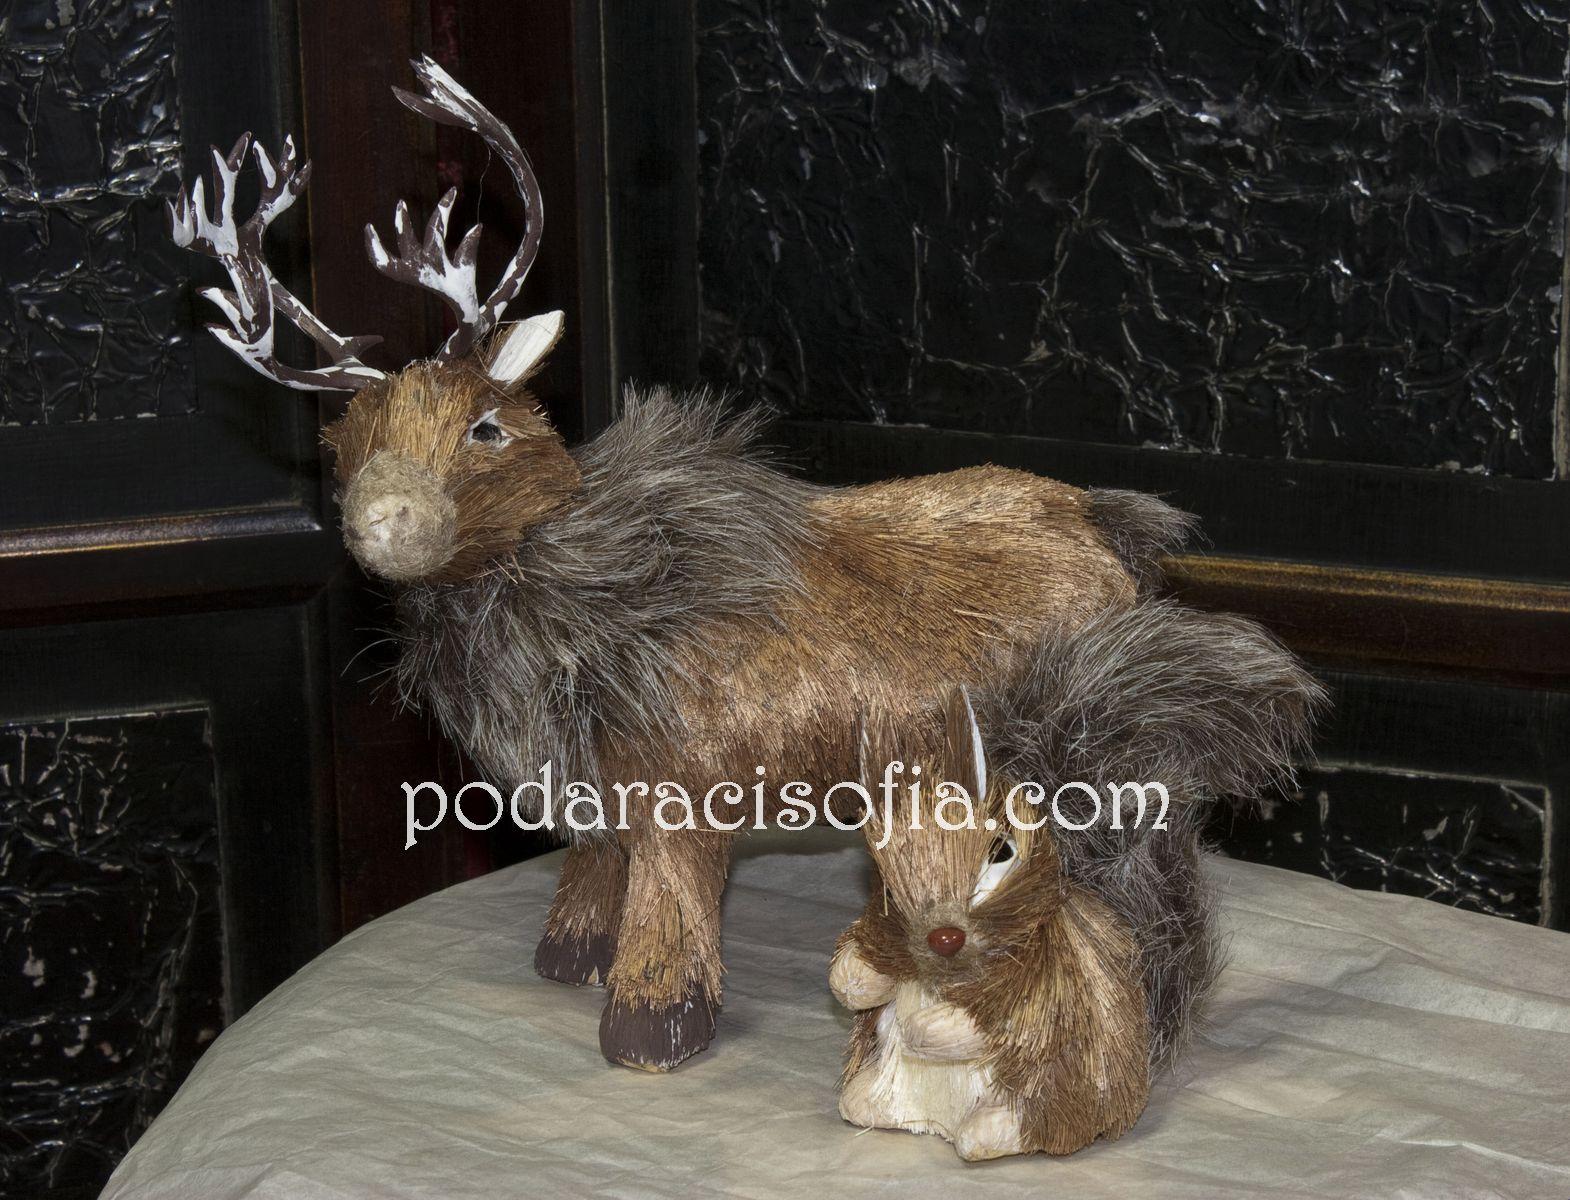 Коледен елен от ествествени материали